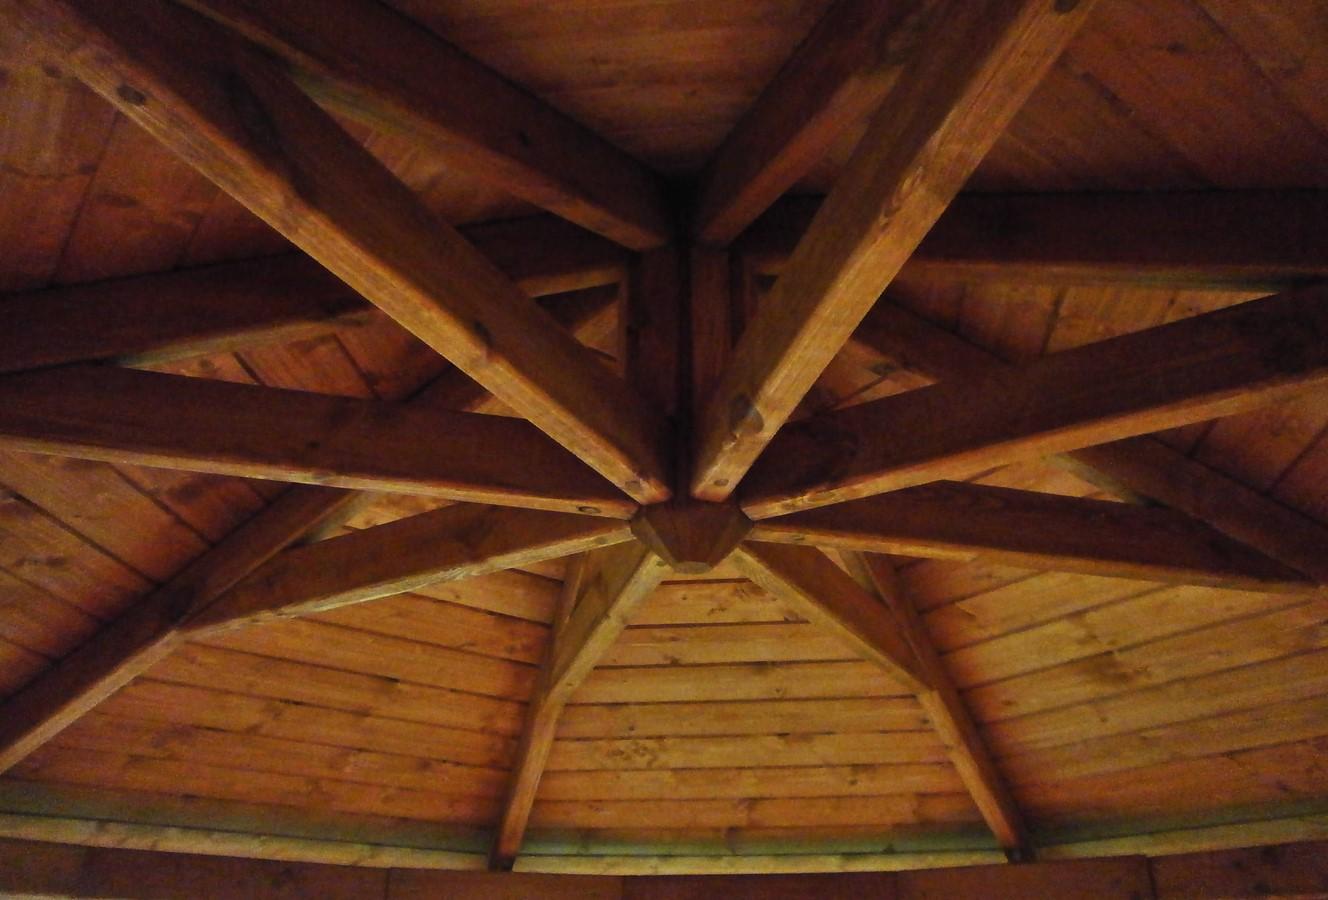 Drewniana altana ogrodowa. Widok konstrukcji dachowej od spodu.